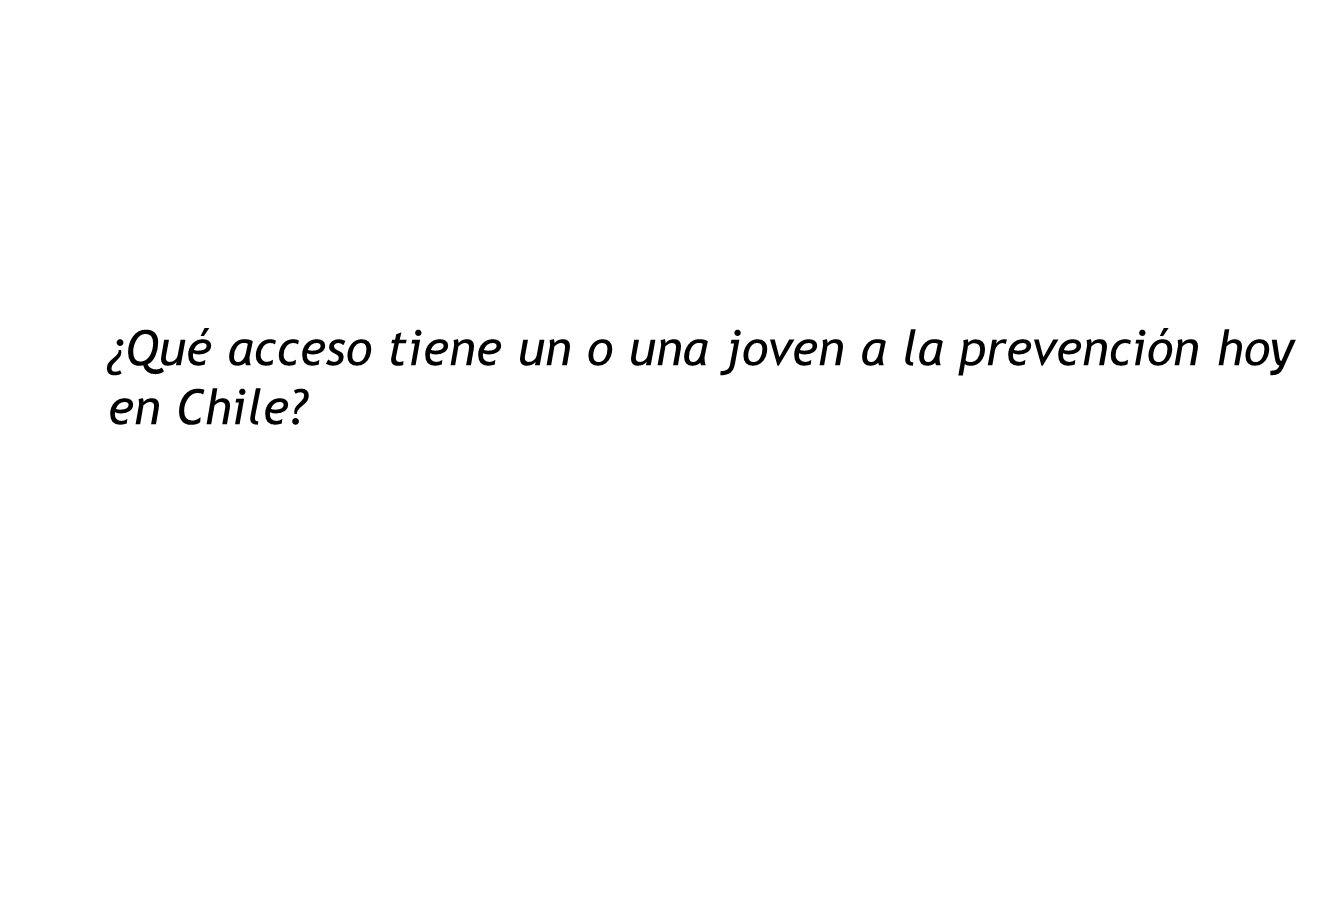 ¿Qué acceso tiene un o una joven a la prevención hoy en Chile?